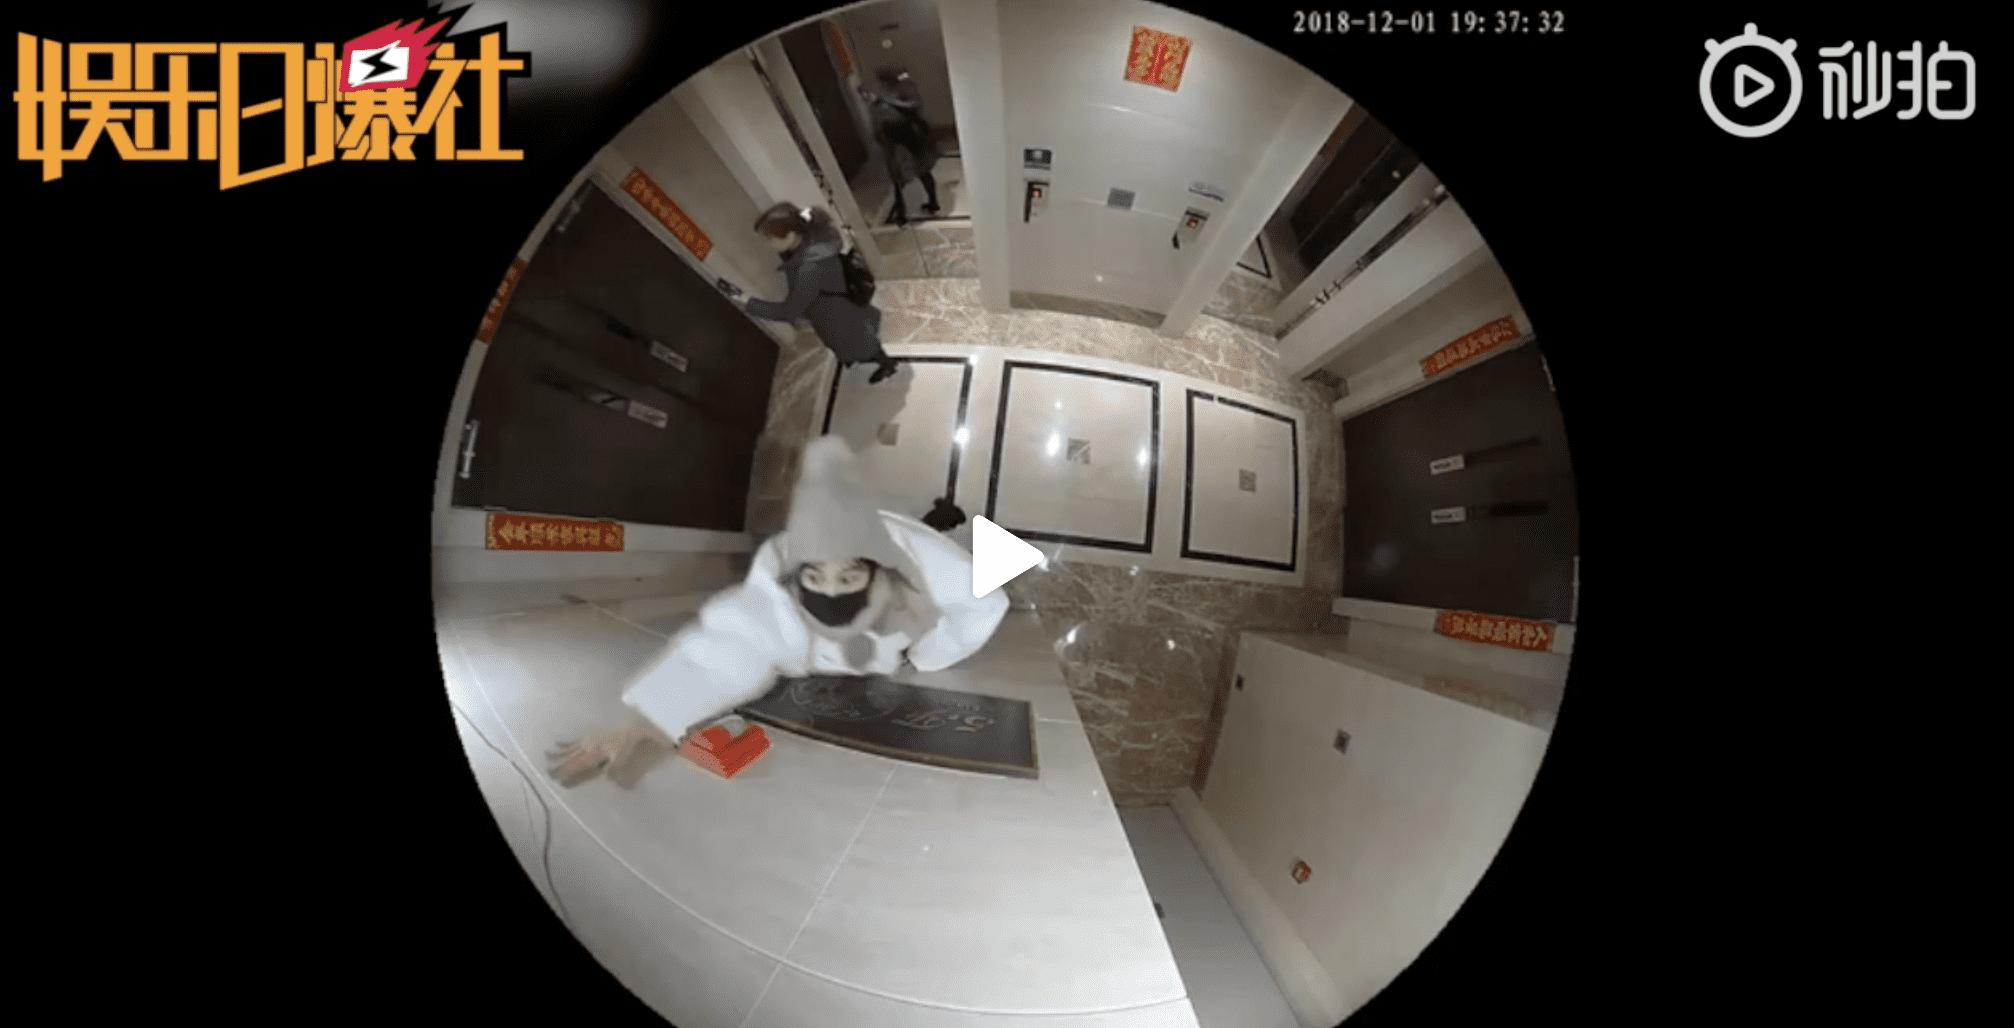 王宝强家门口监控视频曝光,马蓉几度跳起来想砸掉摄像头